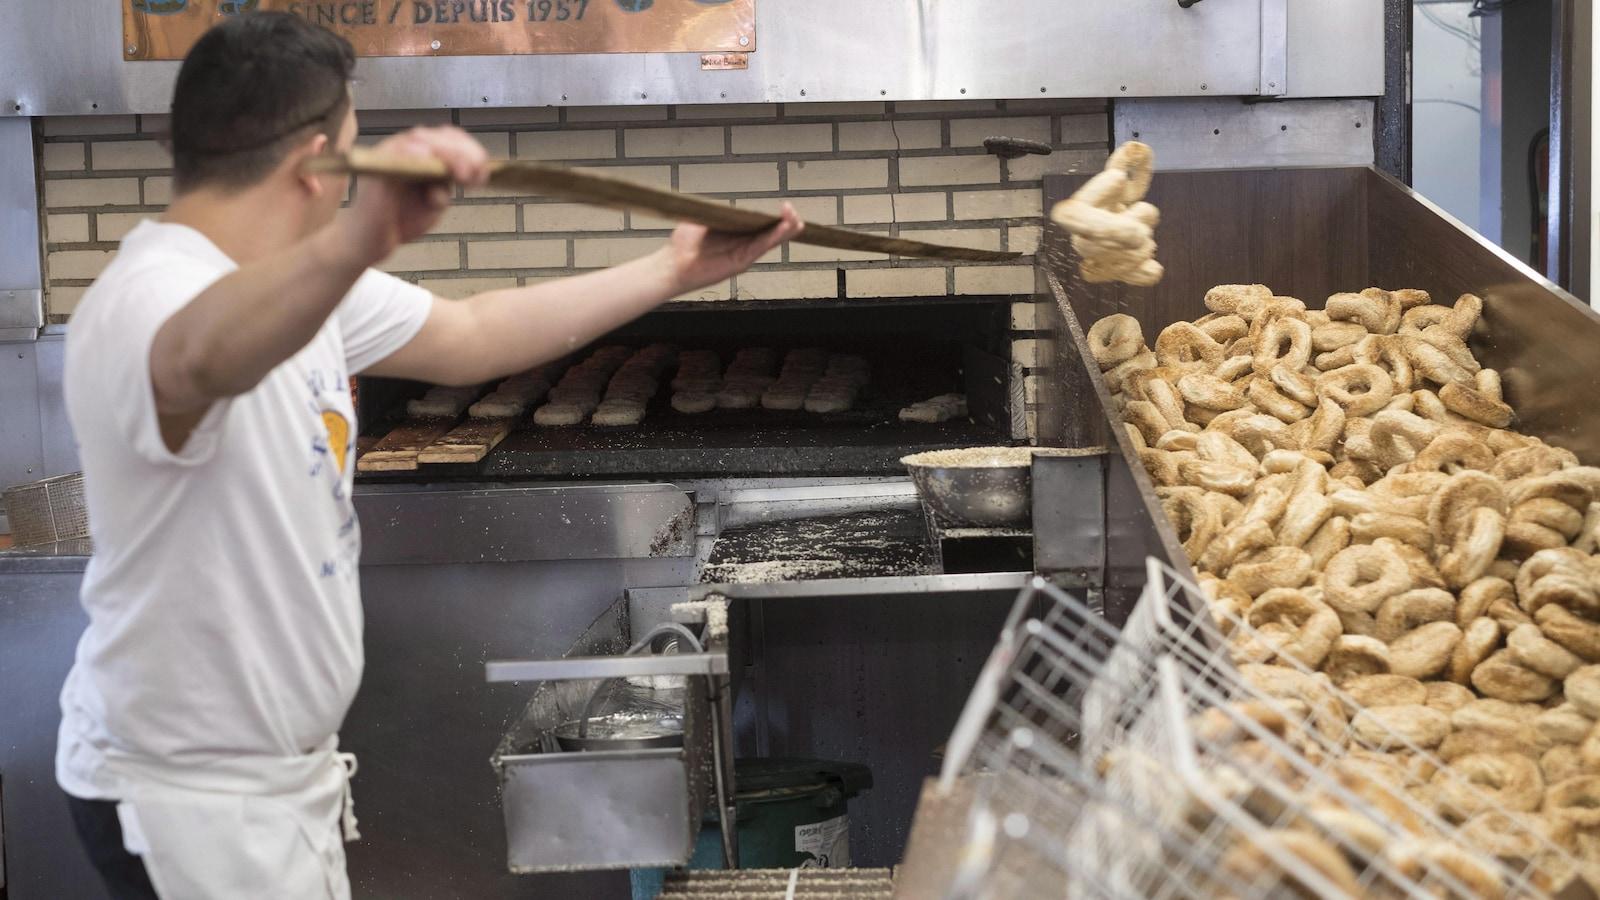 Des bagels sont retirés du four.